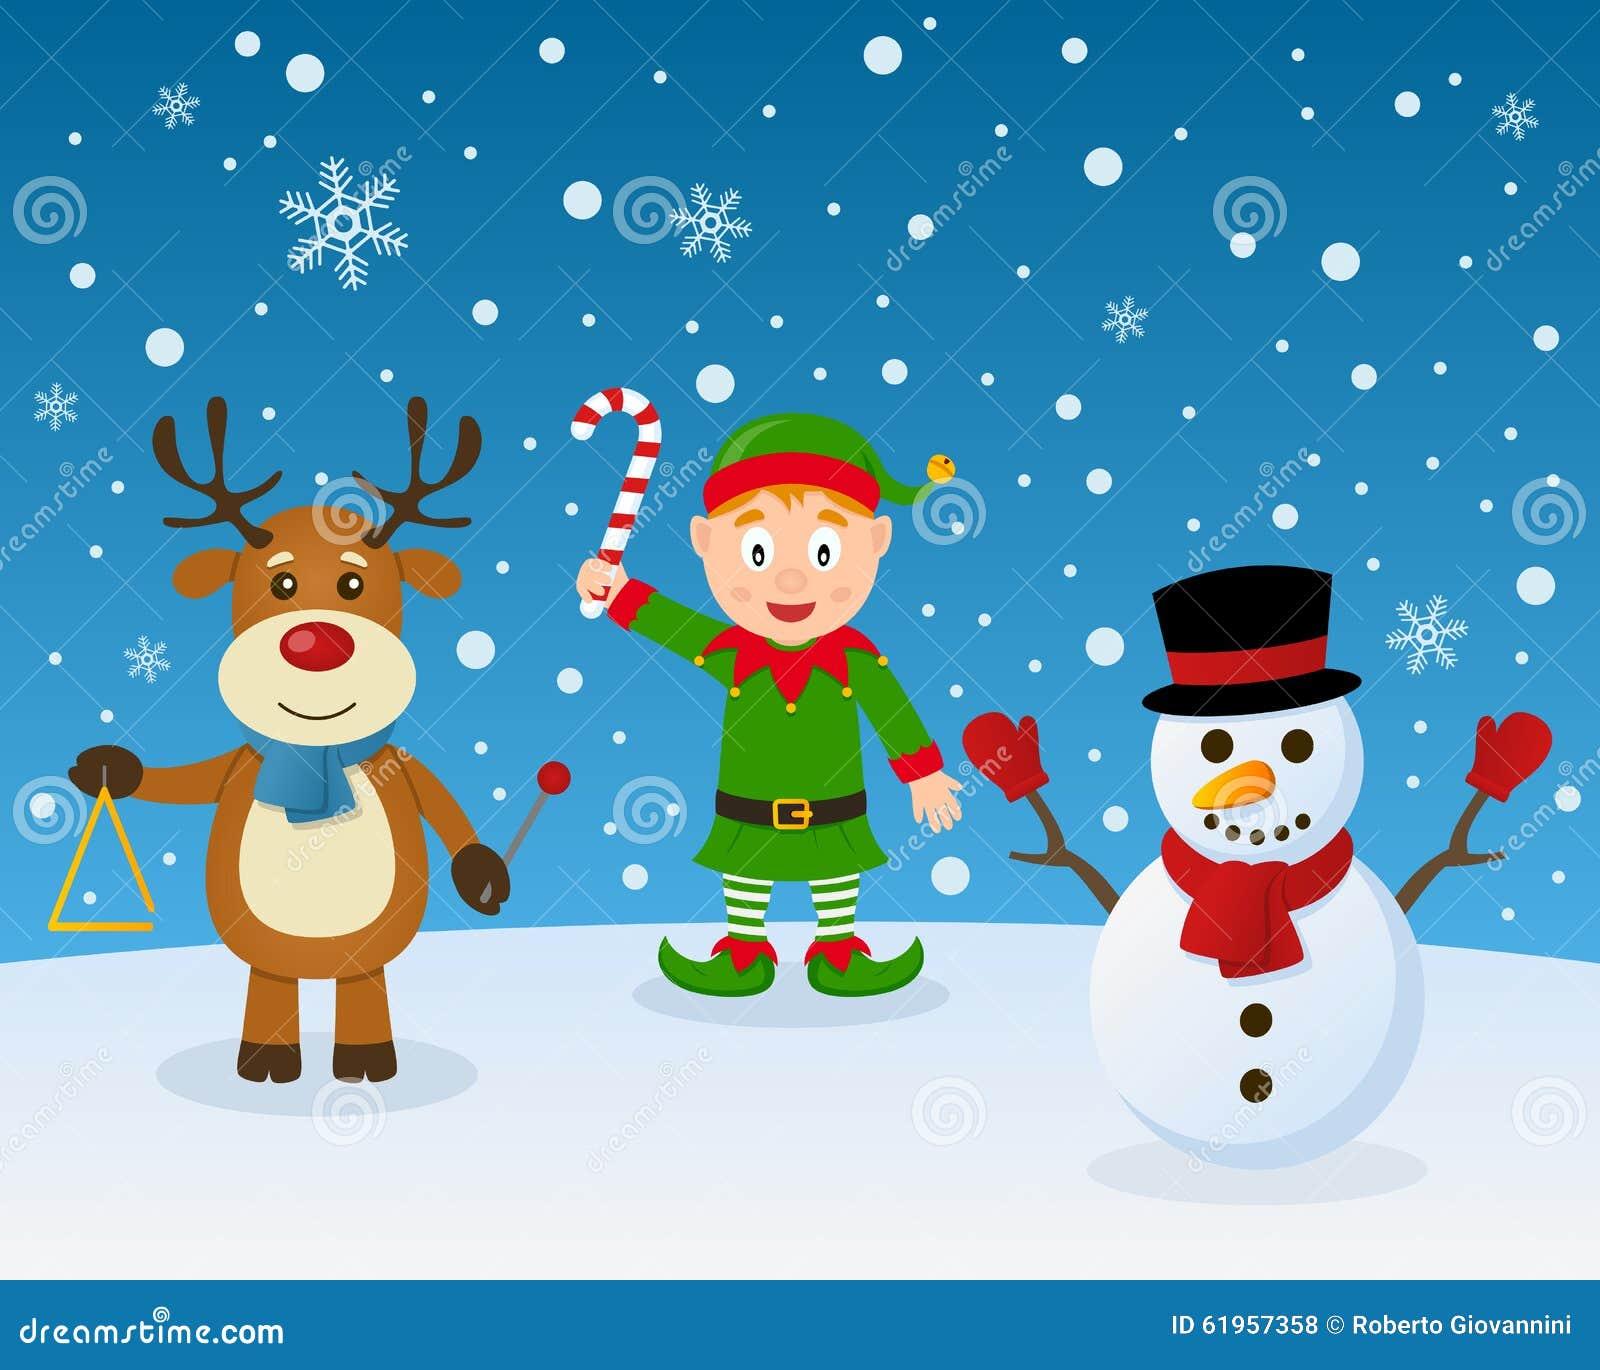 frohe weihnacht elfen ren schneemann vektor abbildung. Black Bedroom Furniture Sets. Home Design Ideas